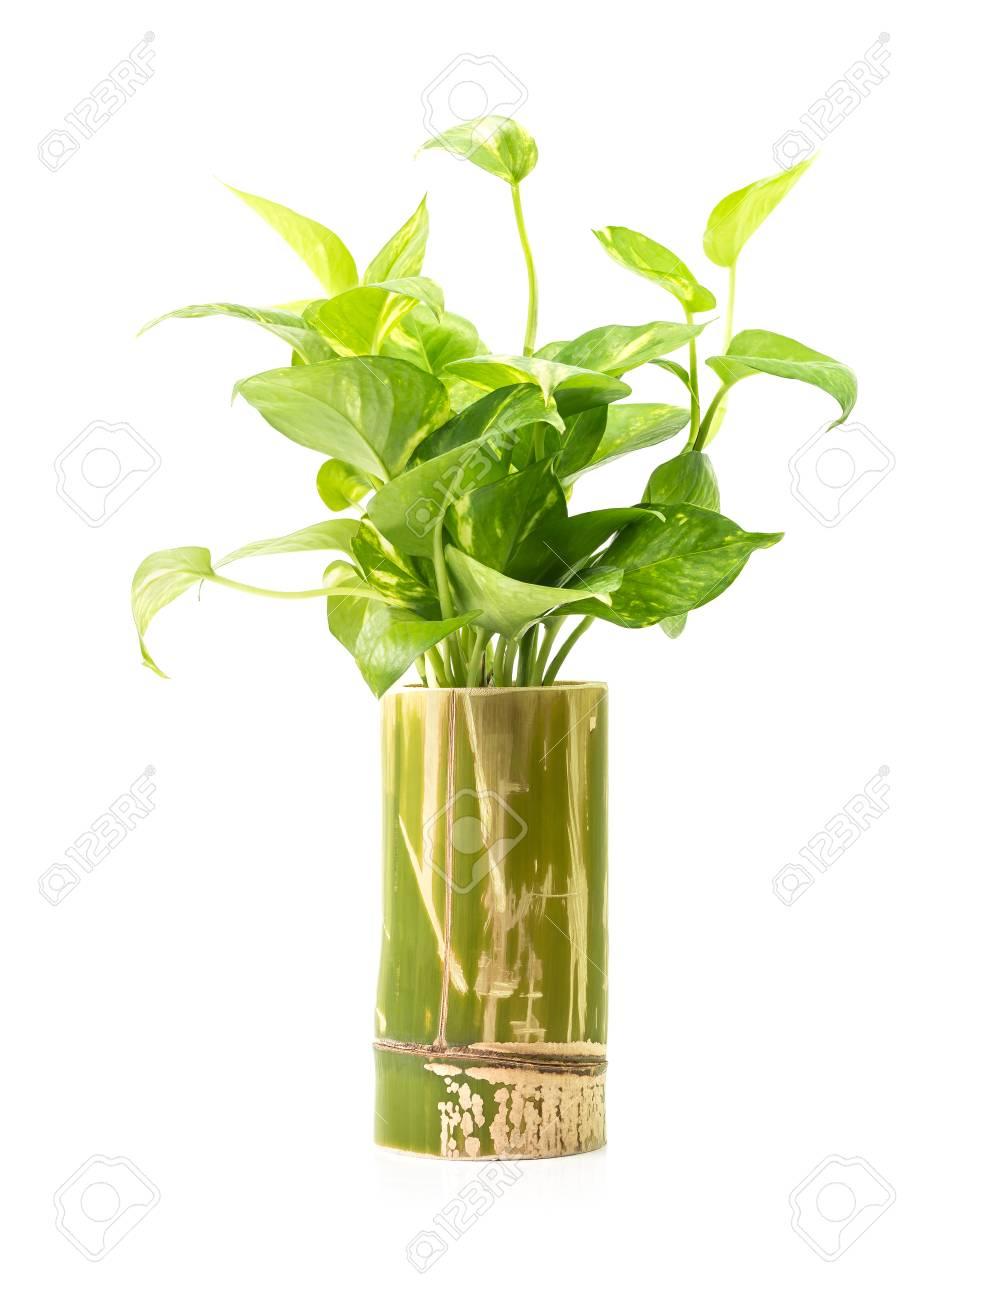 Grune Zimmerpflanze In Der Bambus Holz Vase Isoliert Auf Weissem